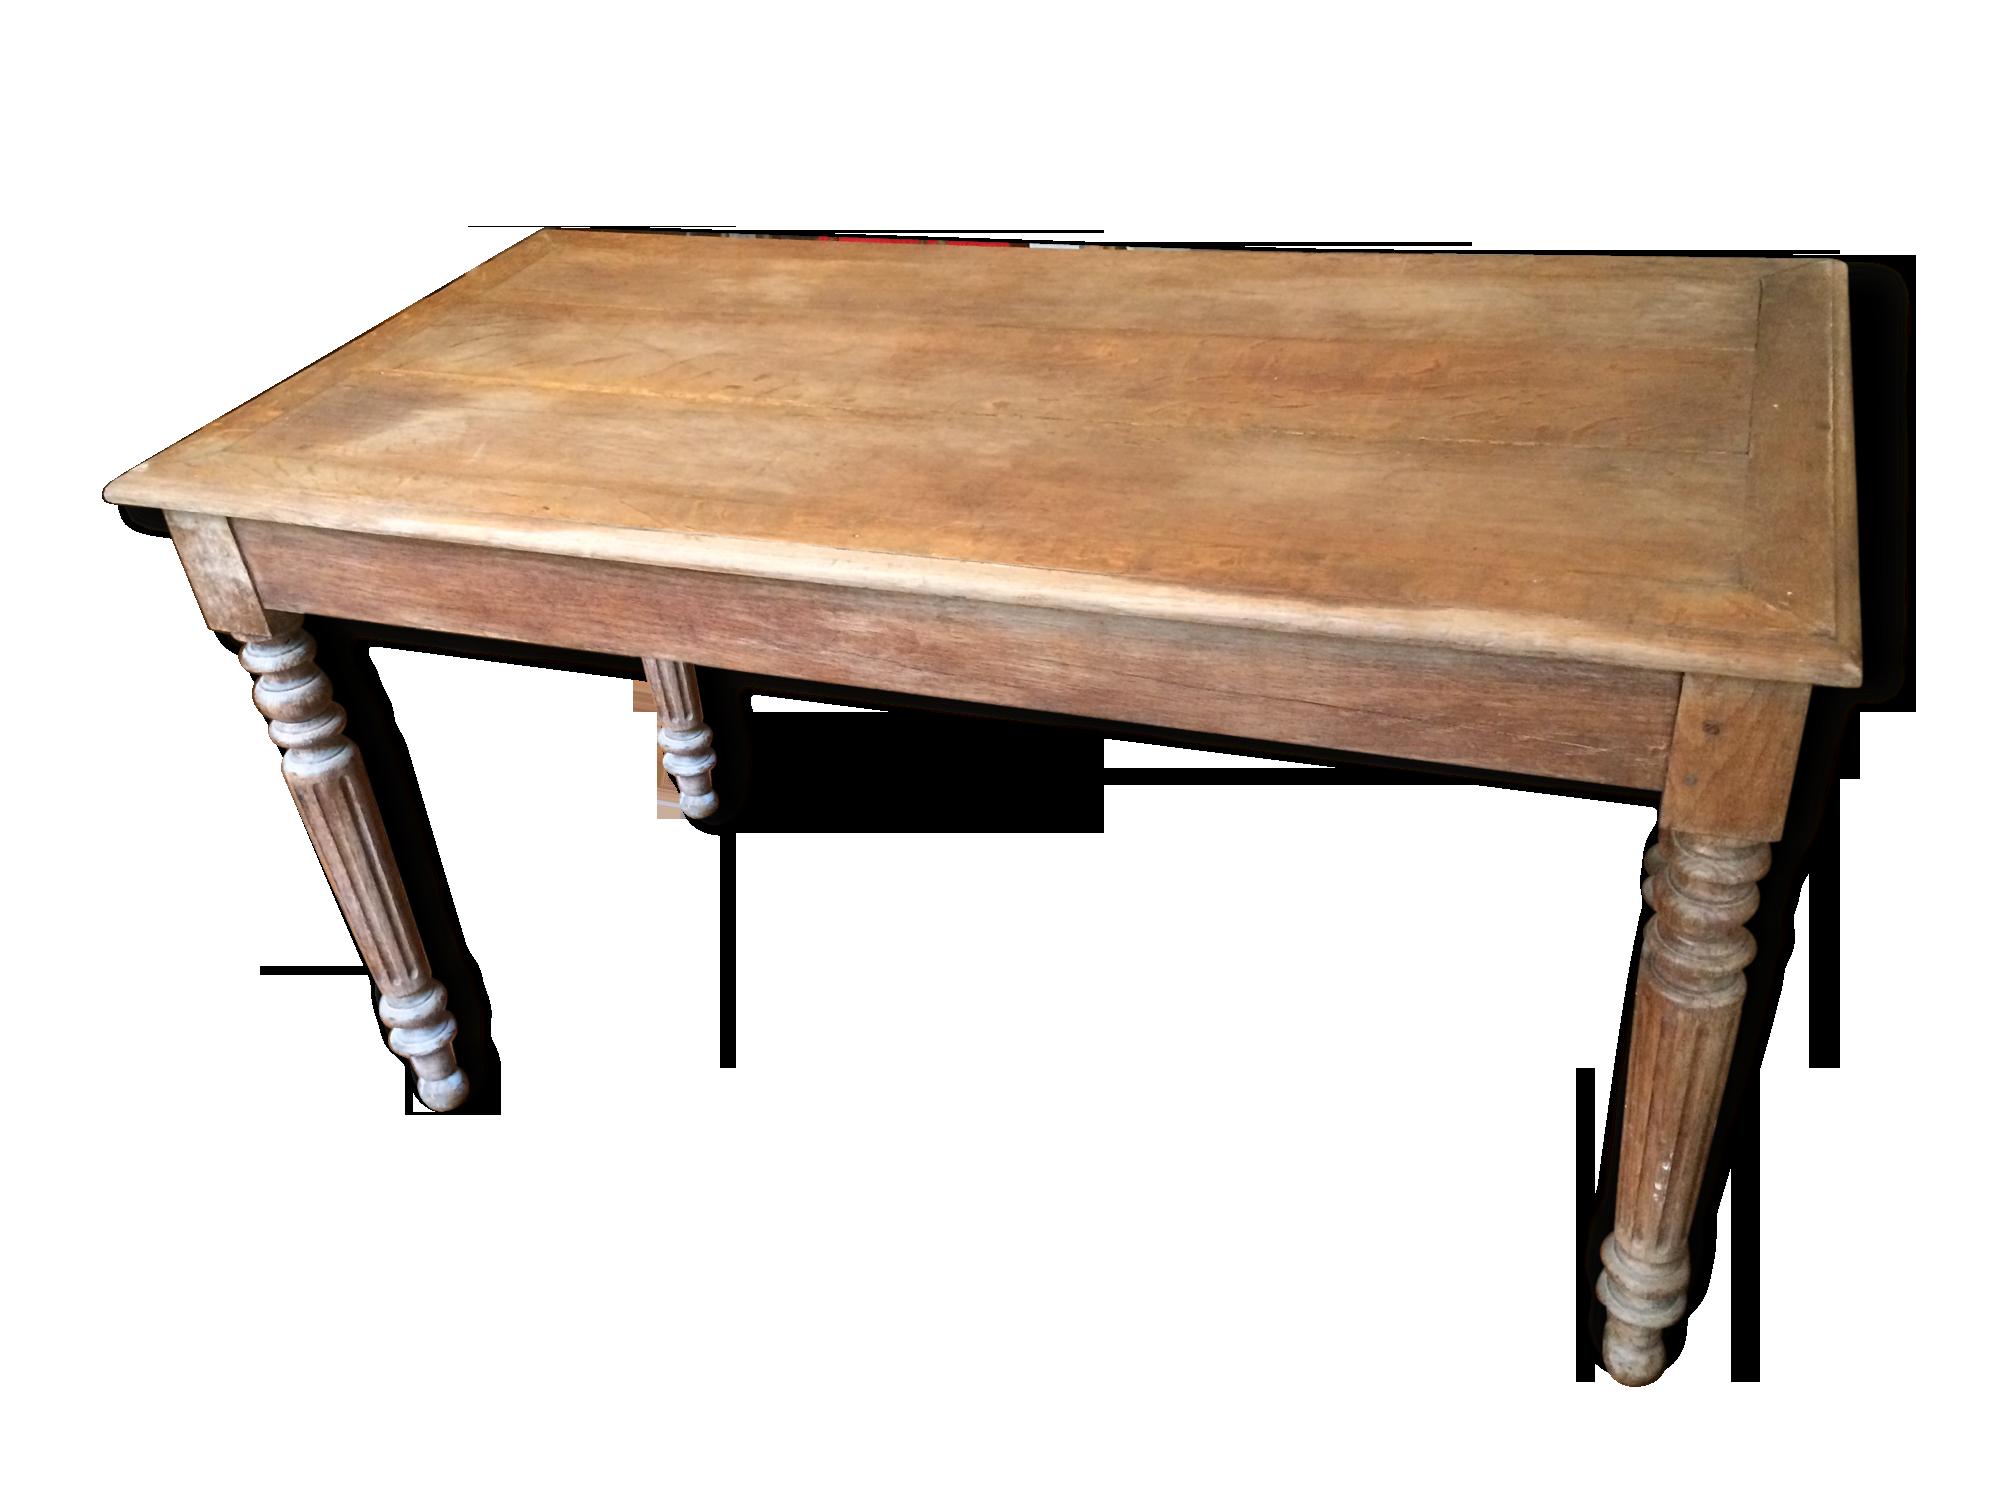 Table en chêne à pieds tournés bois matériau classique